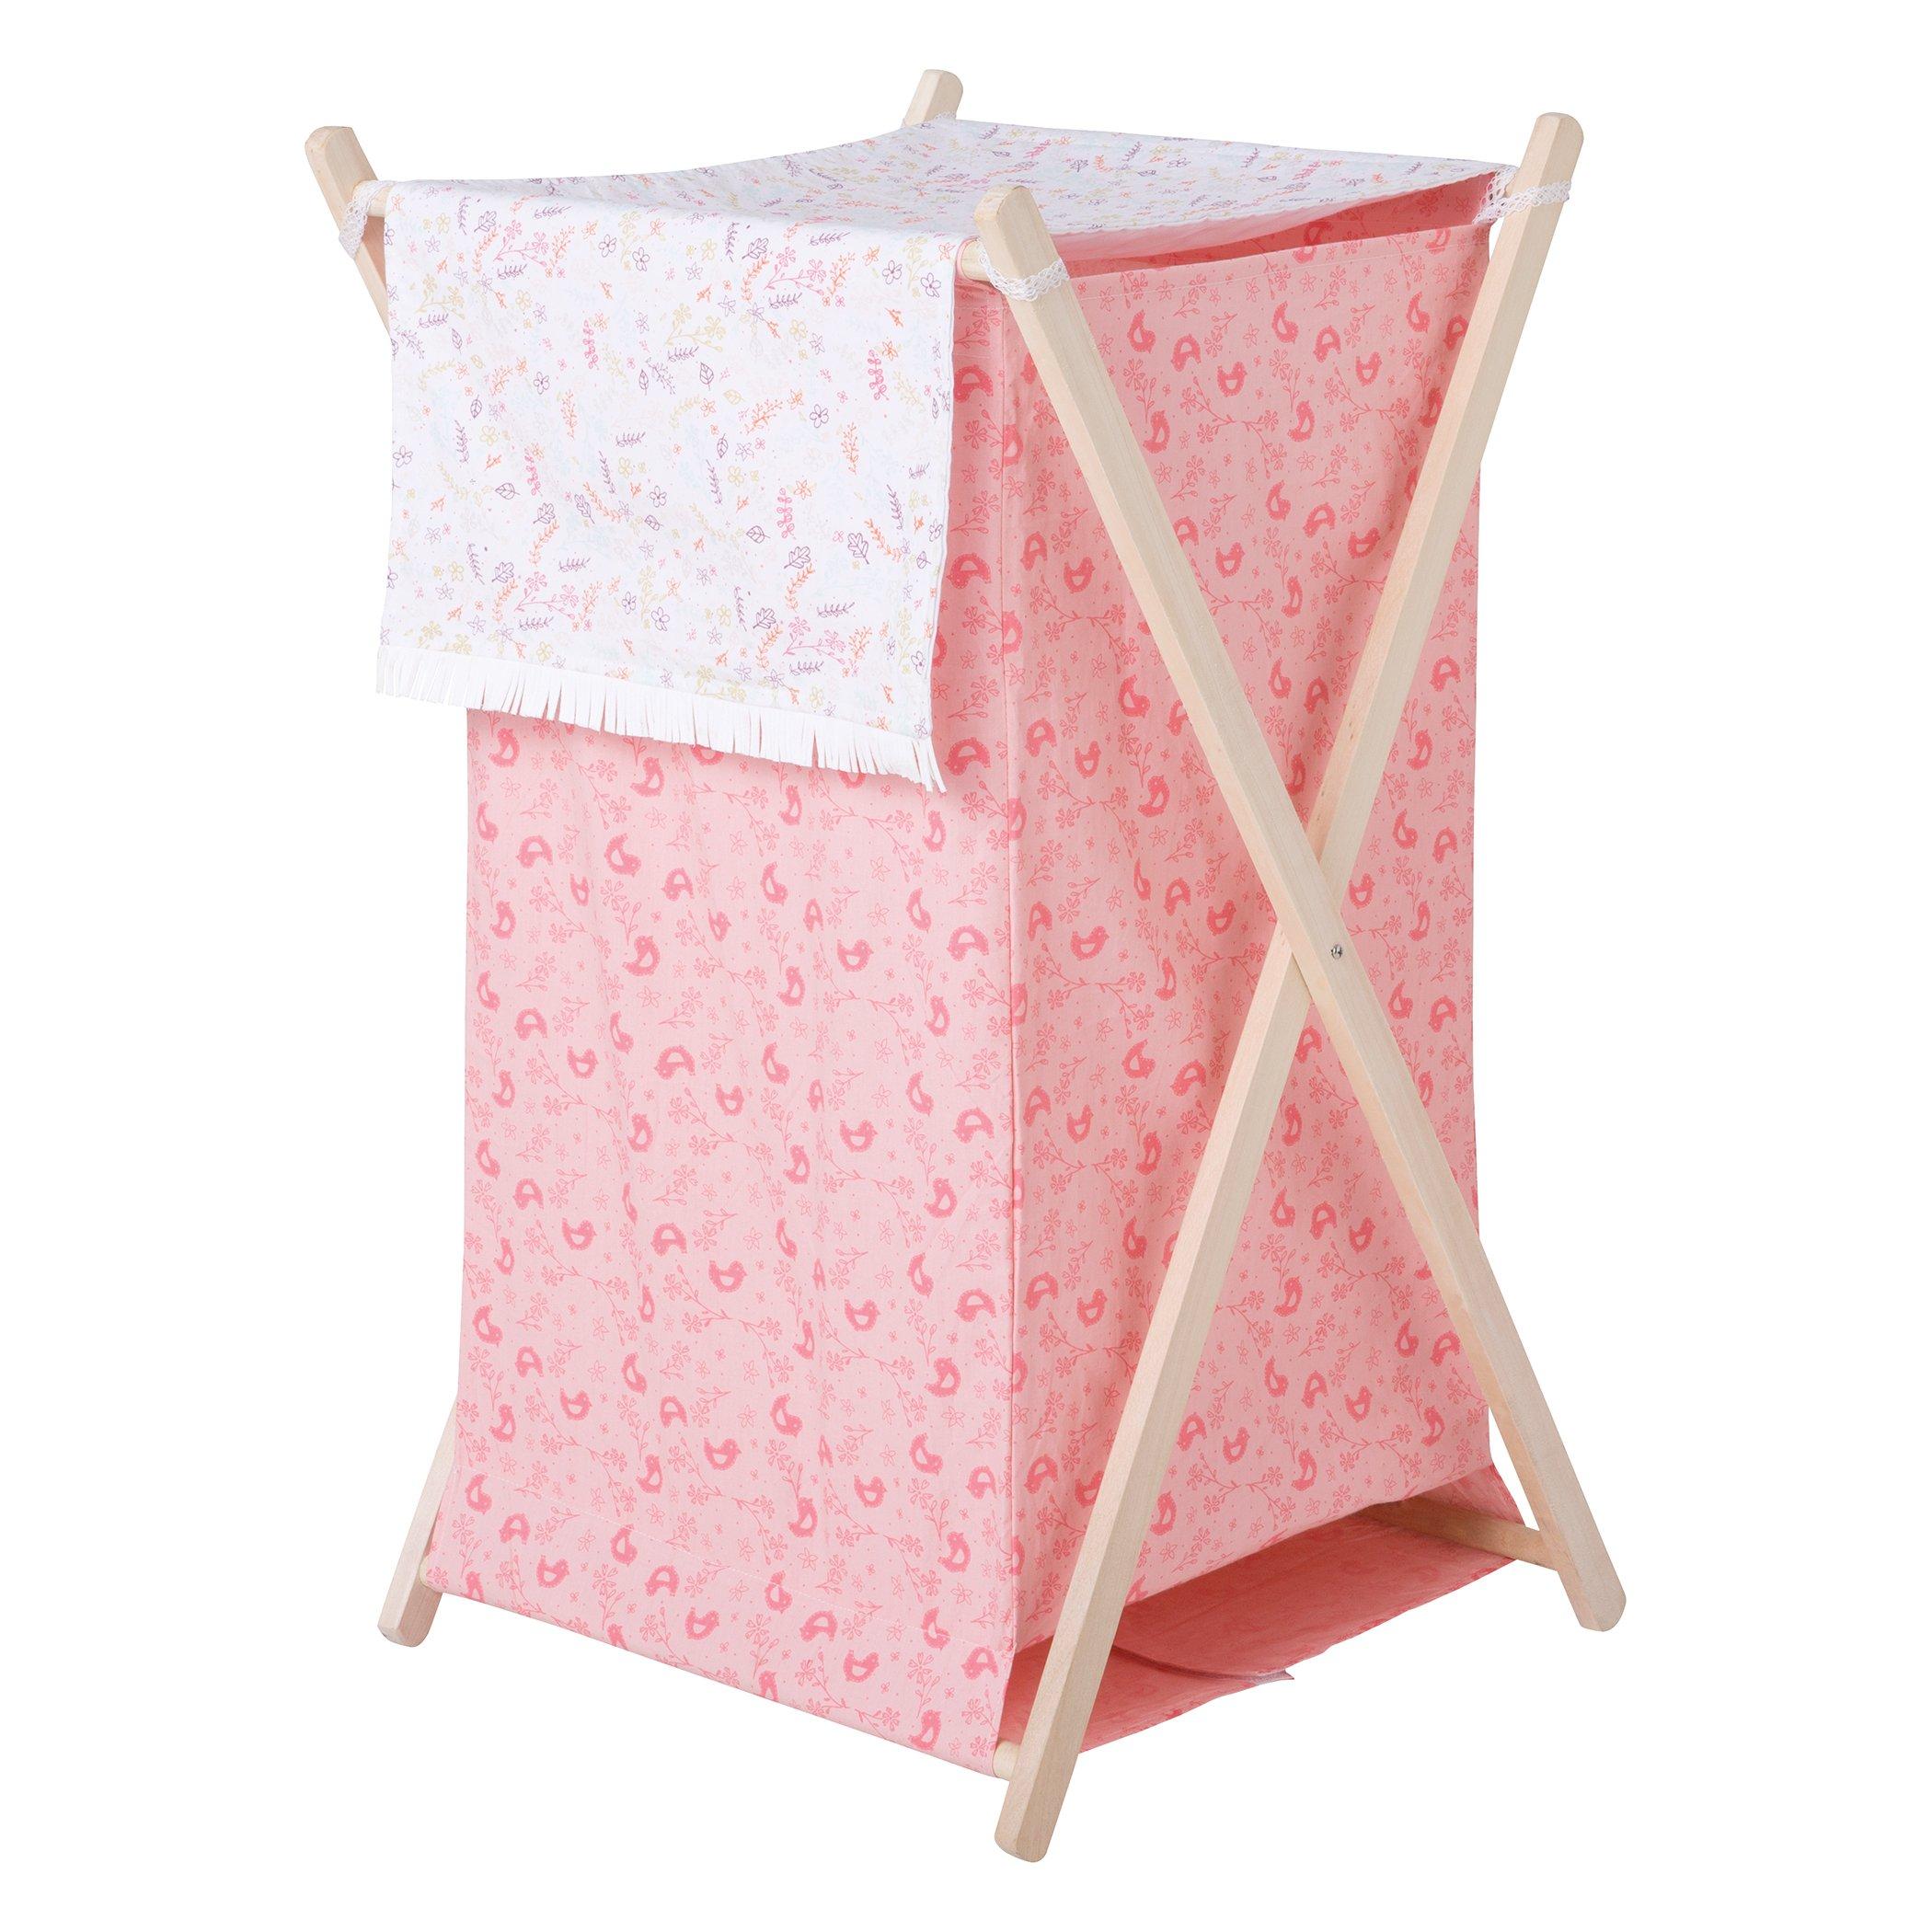 Trend Lab Wild Forever Hamper Set, Pink